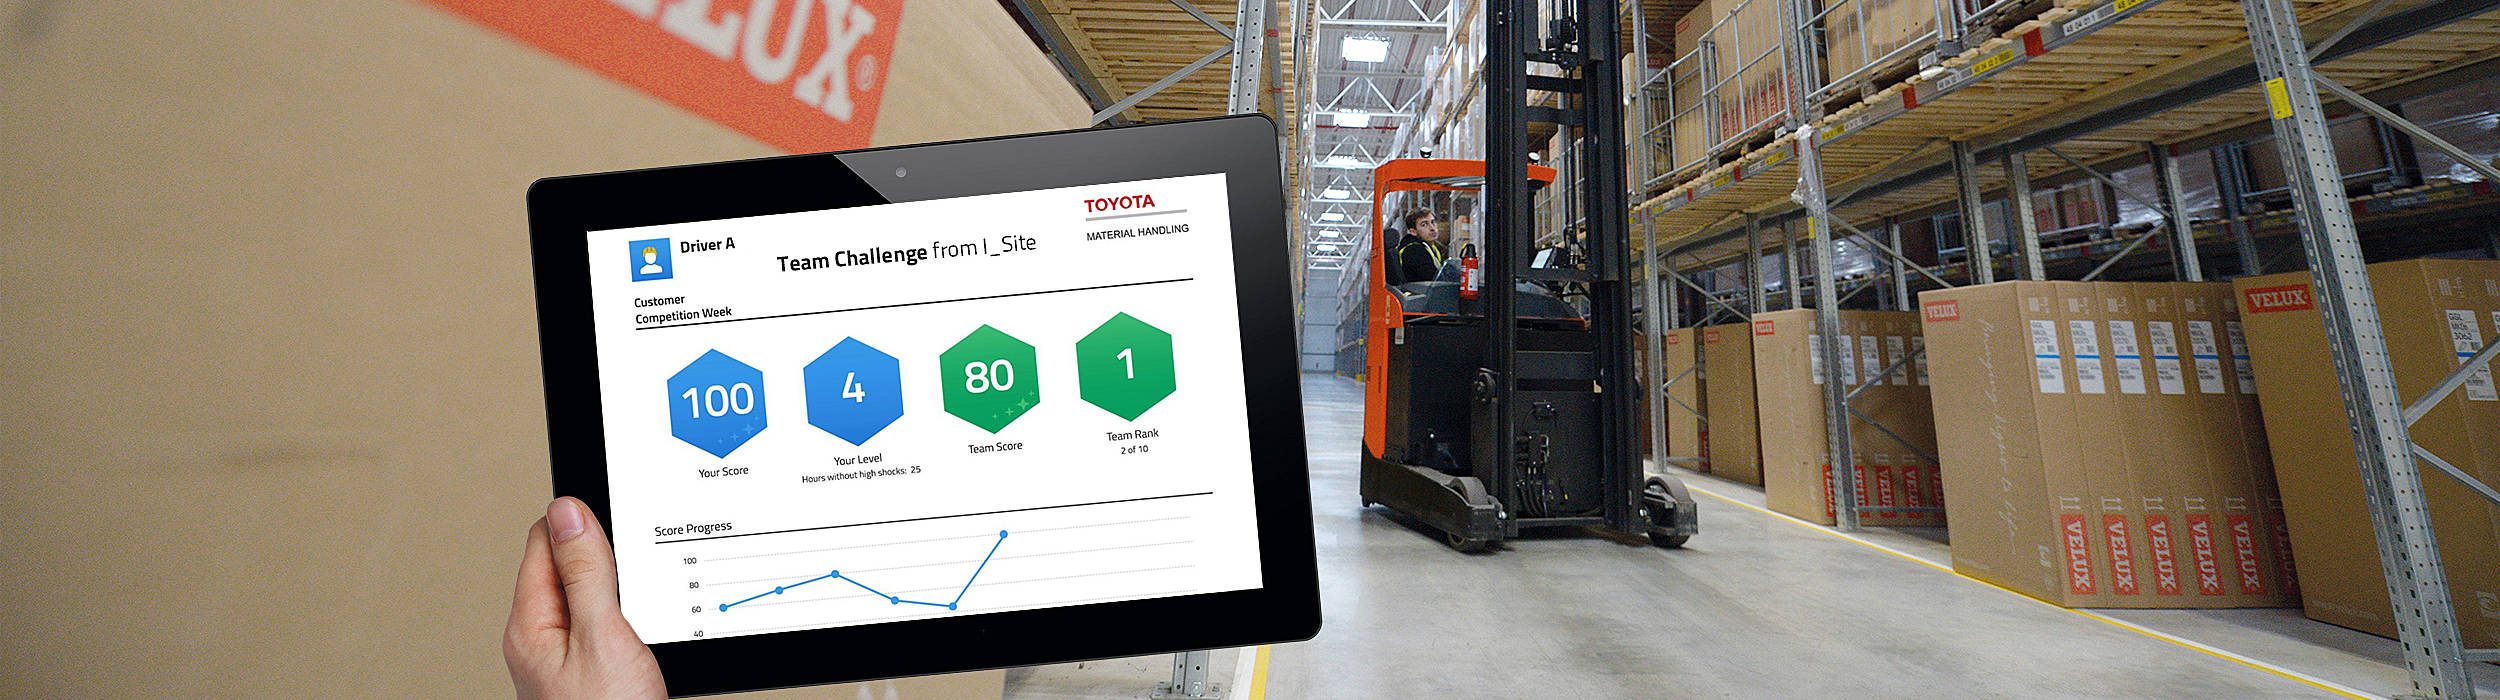 sistema de gamificación Toyota I_Site en el almacén central de VELUX